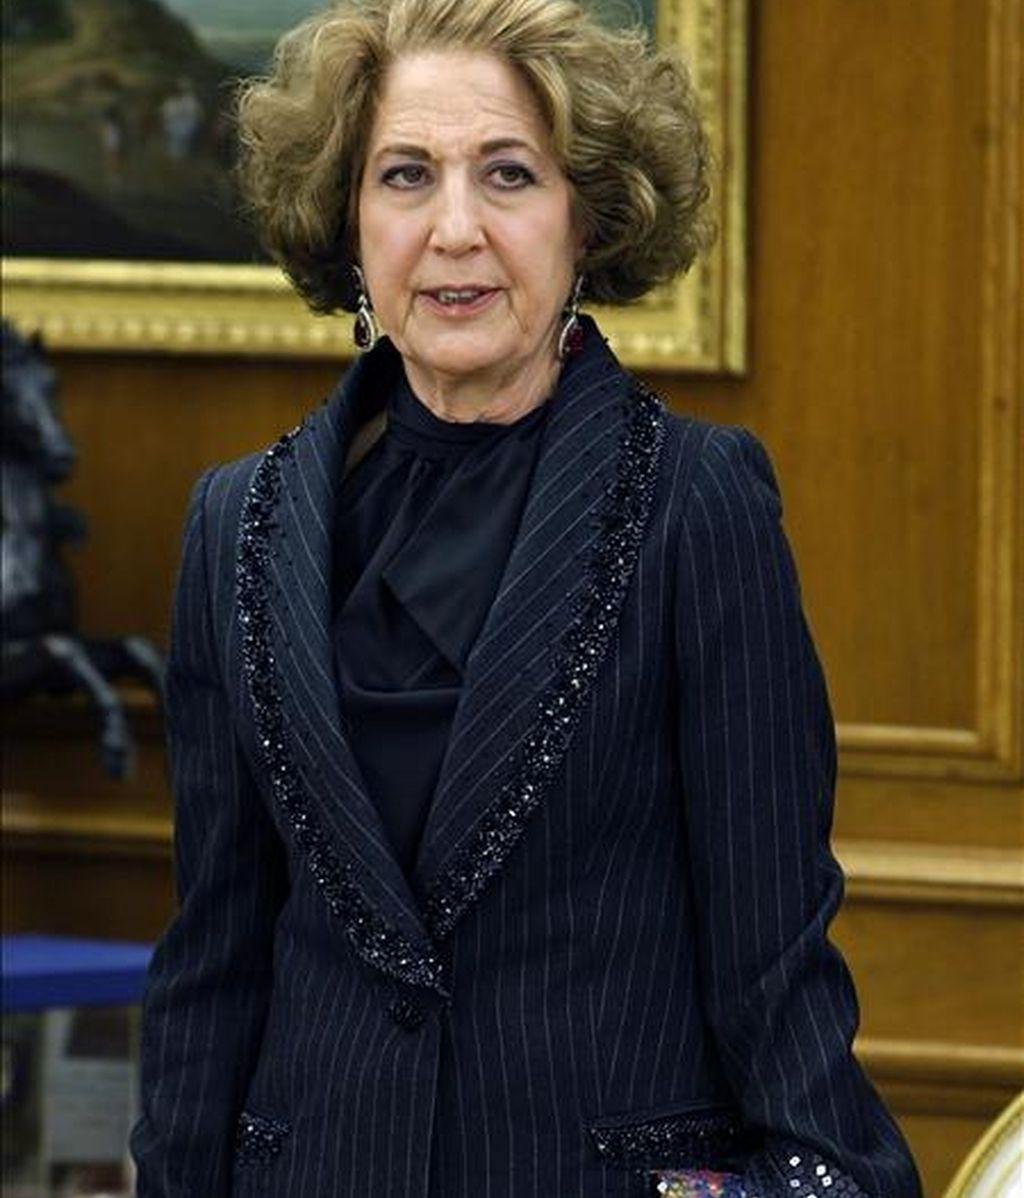 La presidenta de Unidad Editorial, Carmen Iglesias,  durante la audiencia del Rey Juan Carlos celebrada en noviembre pasado en el Palacio de la Zarzuela. EFE